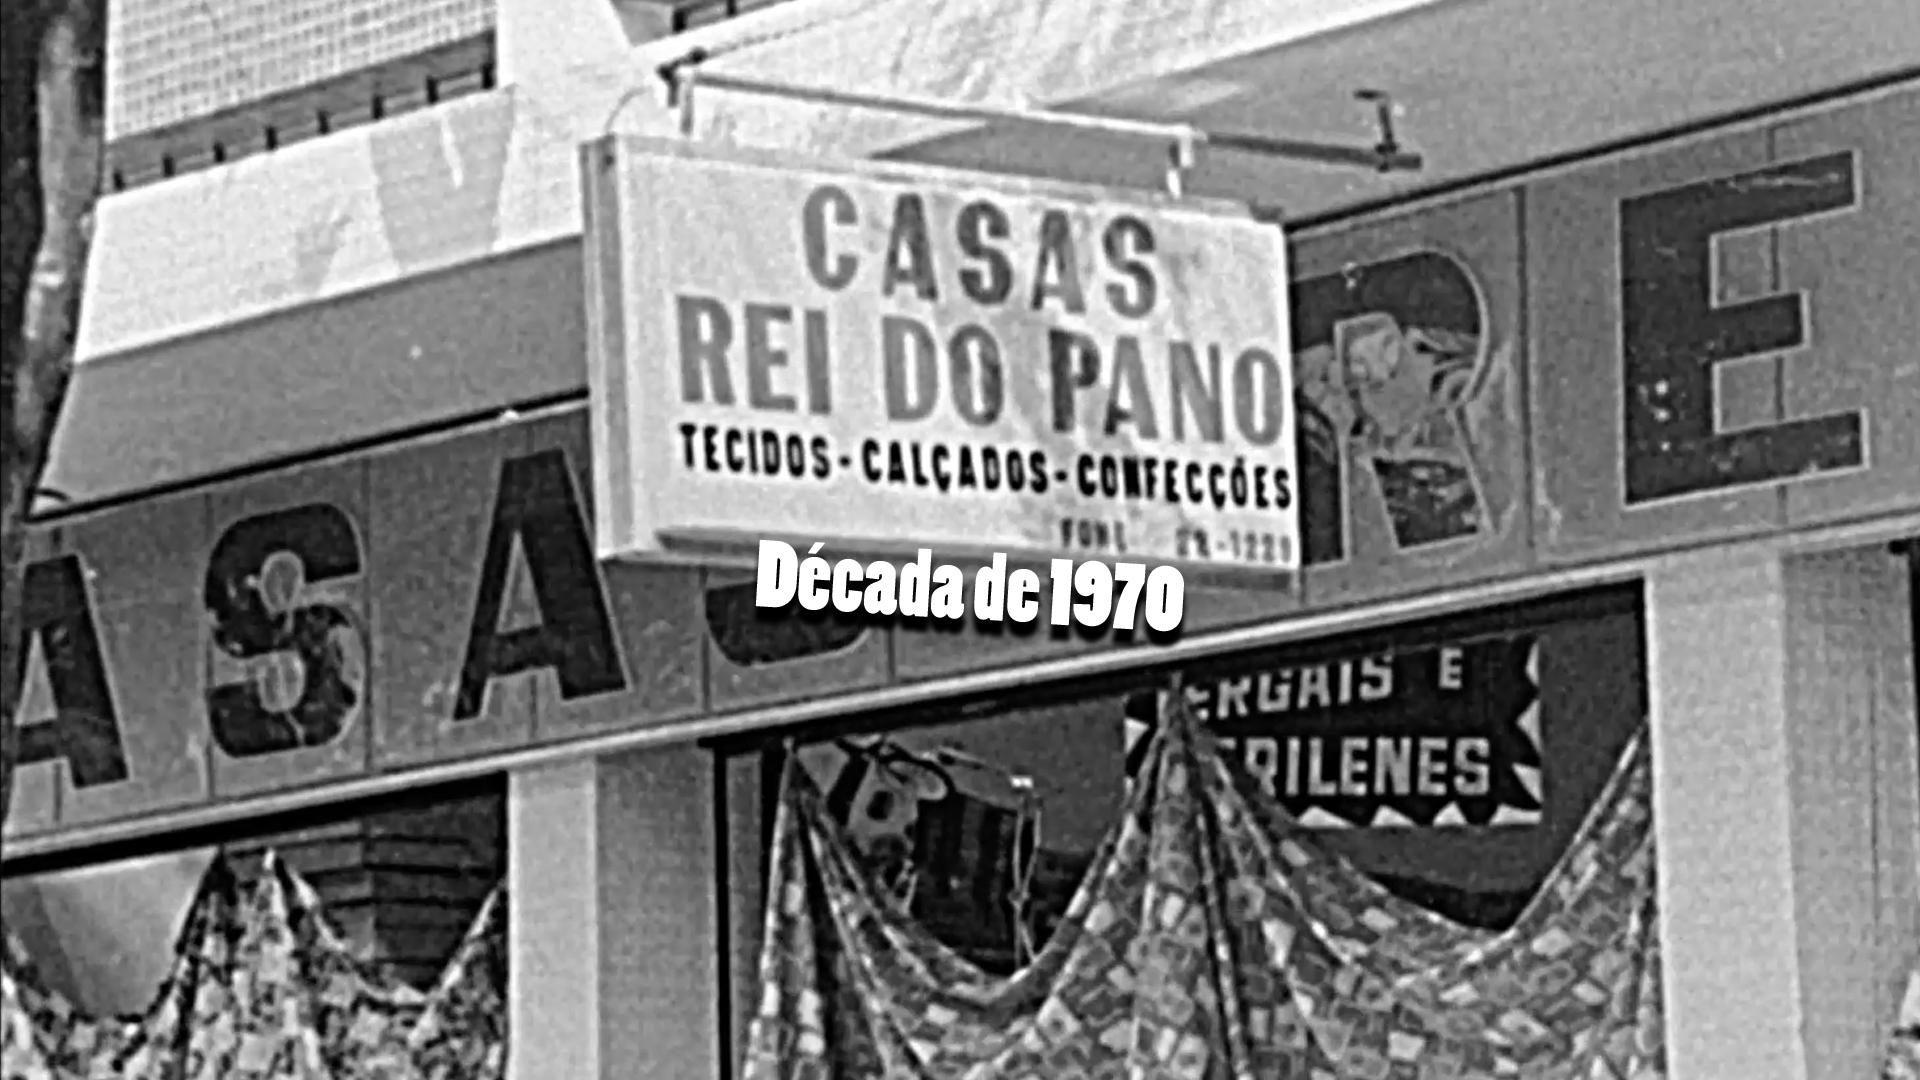 RARIDADE - Casas Rei do Pano - Anos 1970